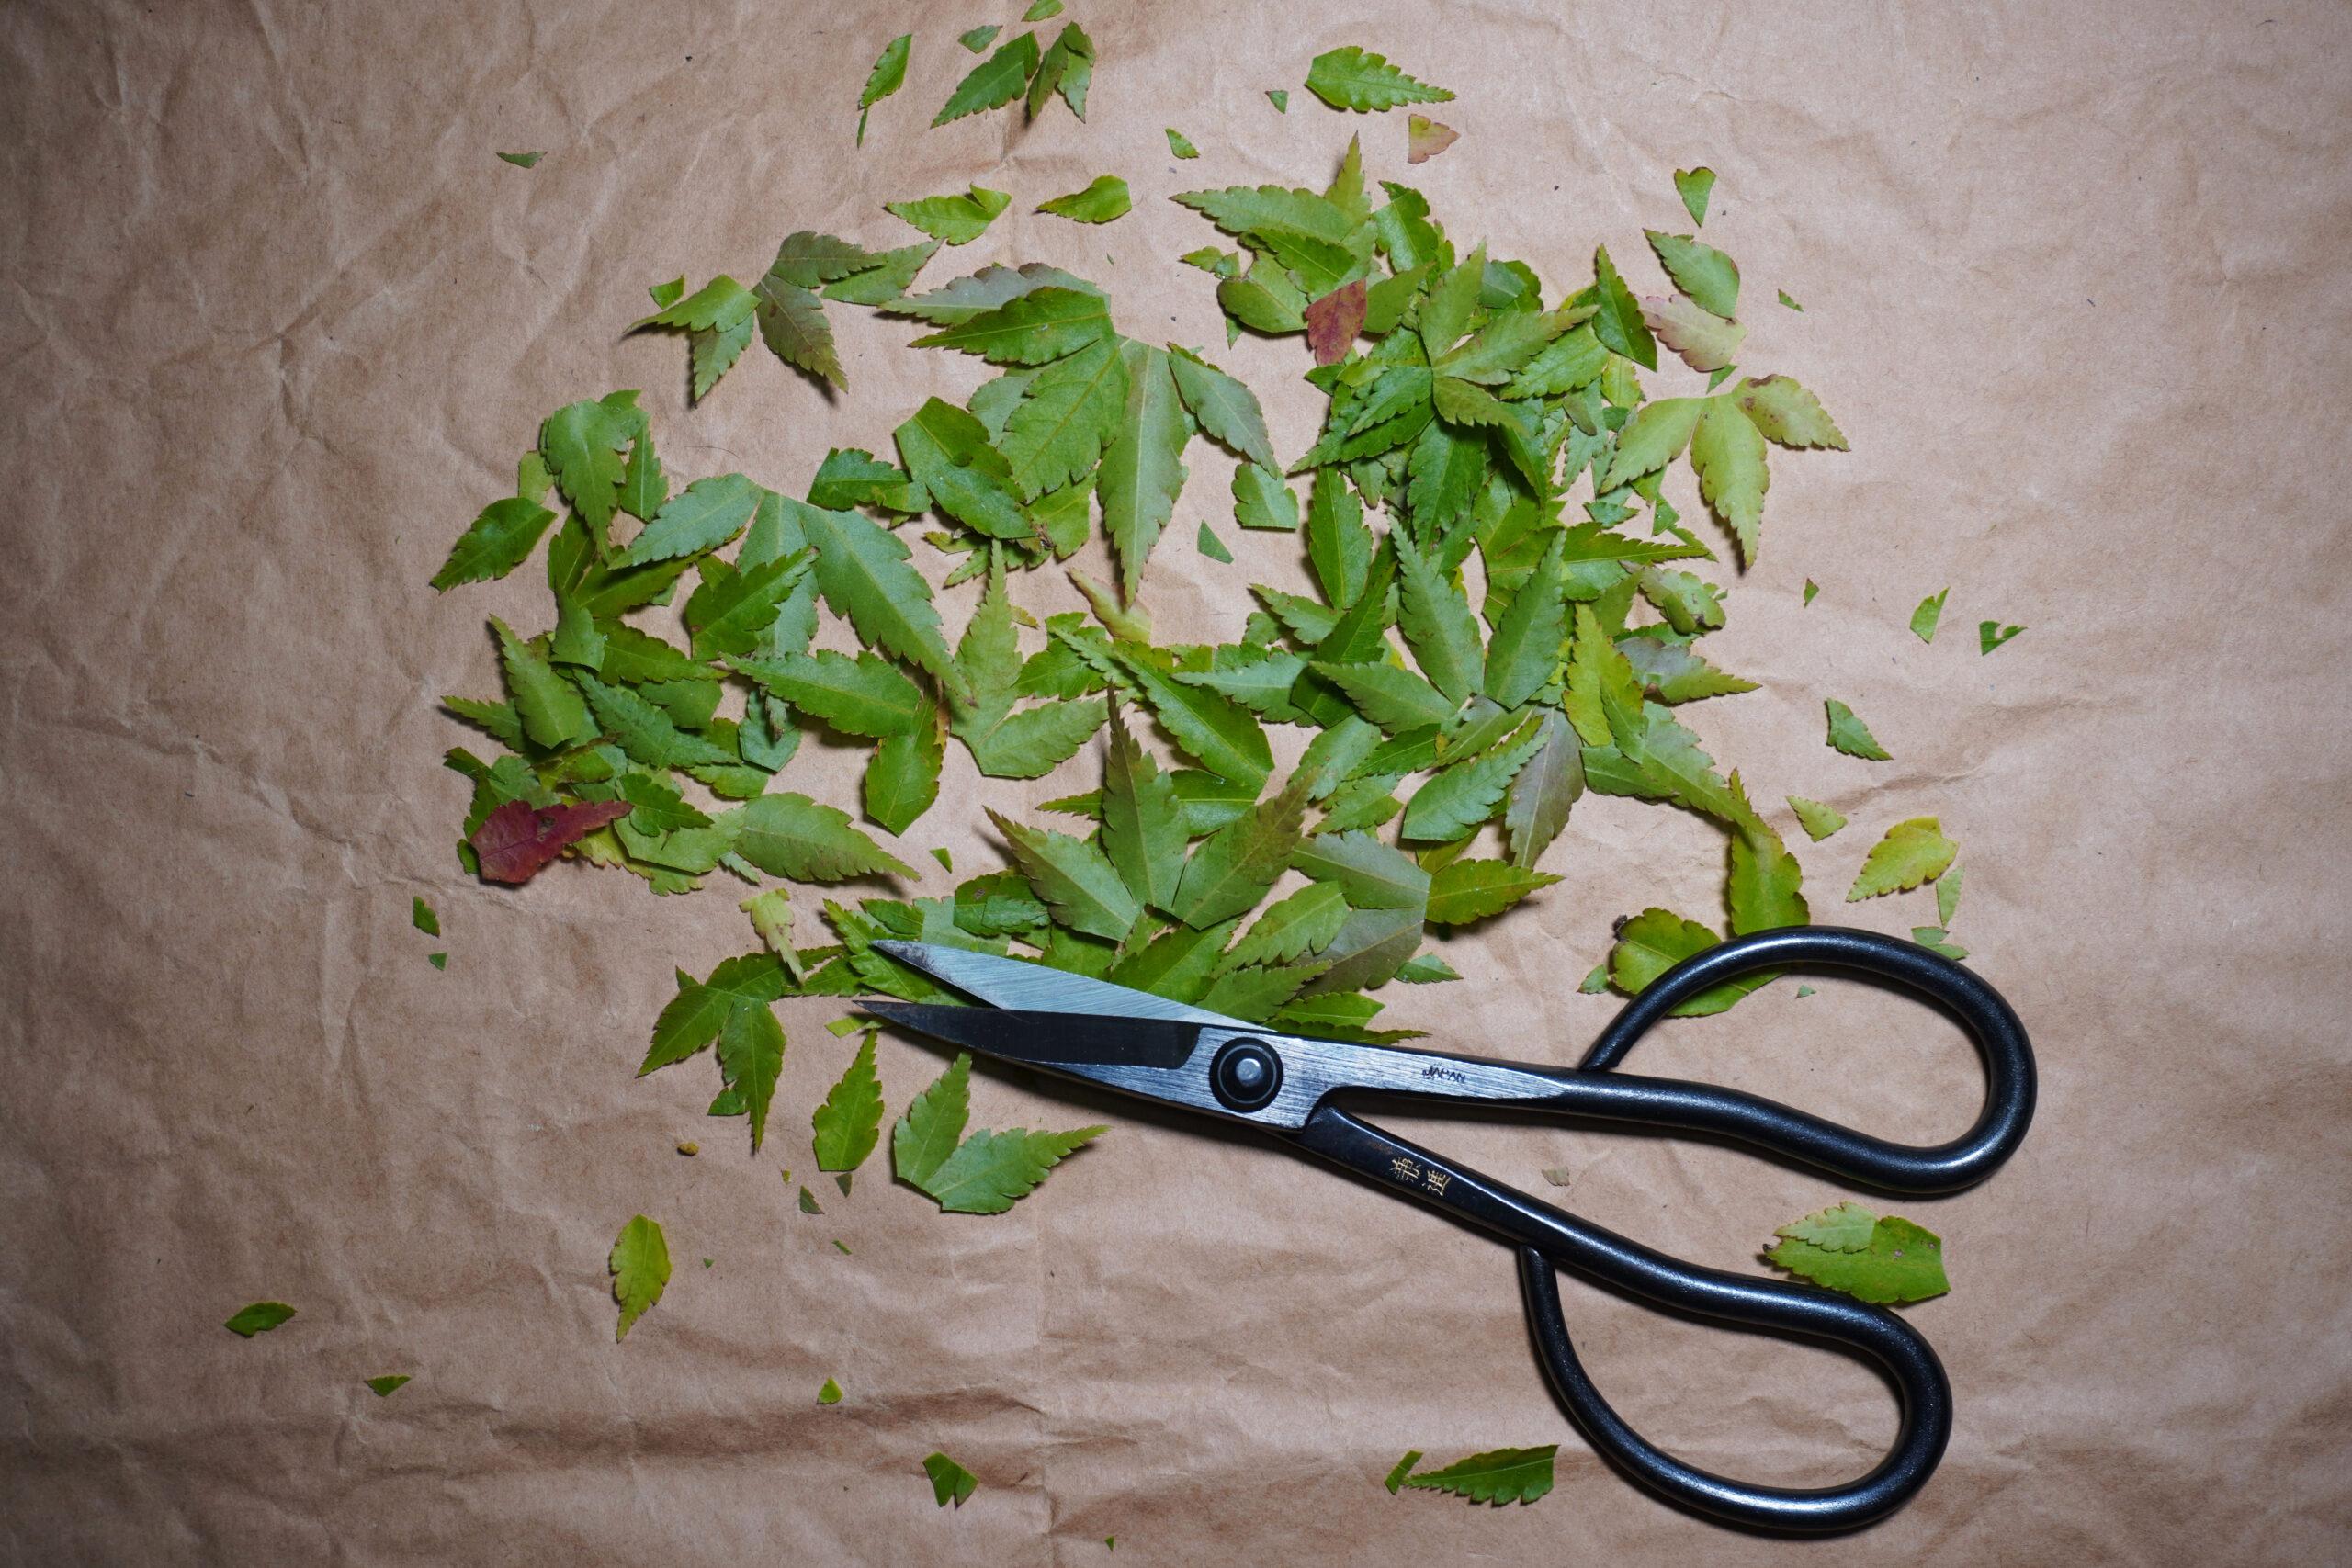 DSC01627-刈った葉